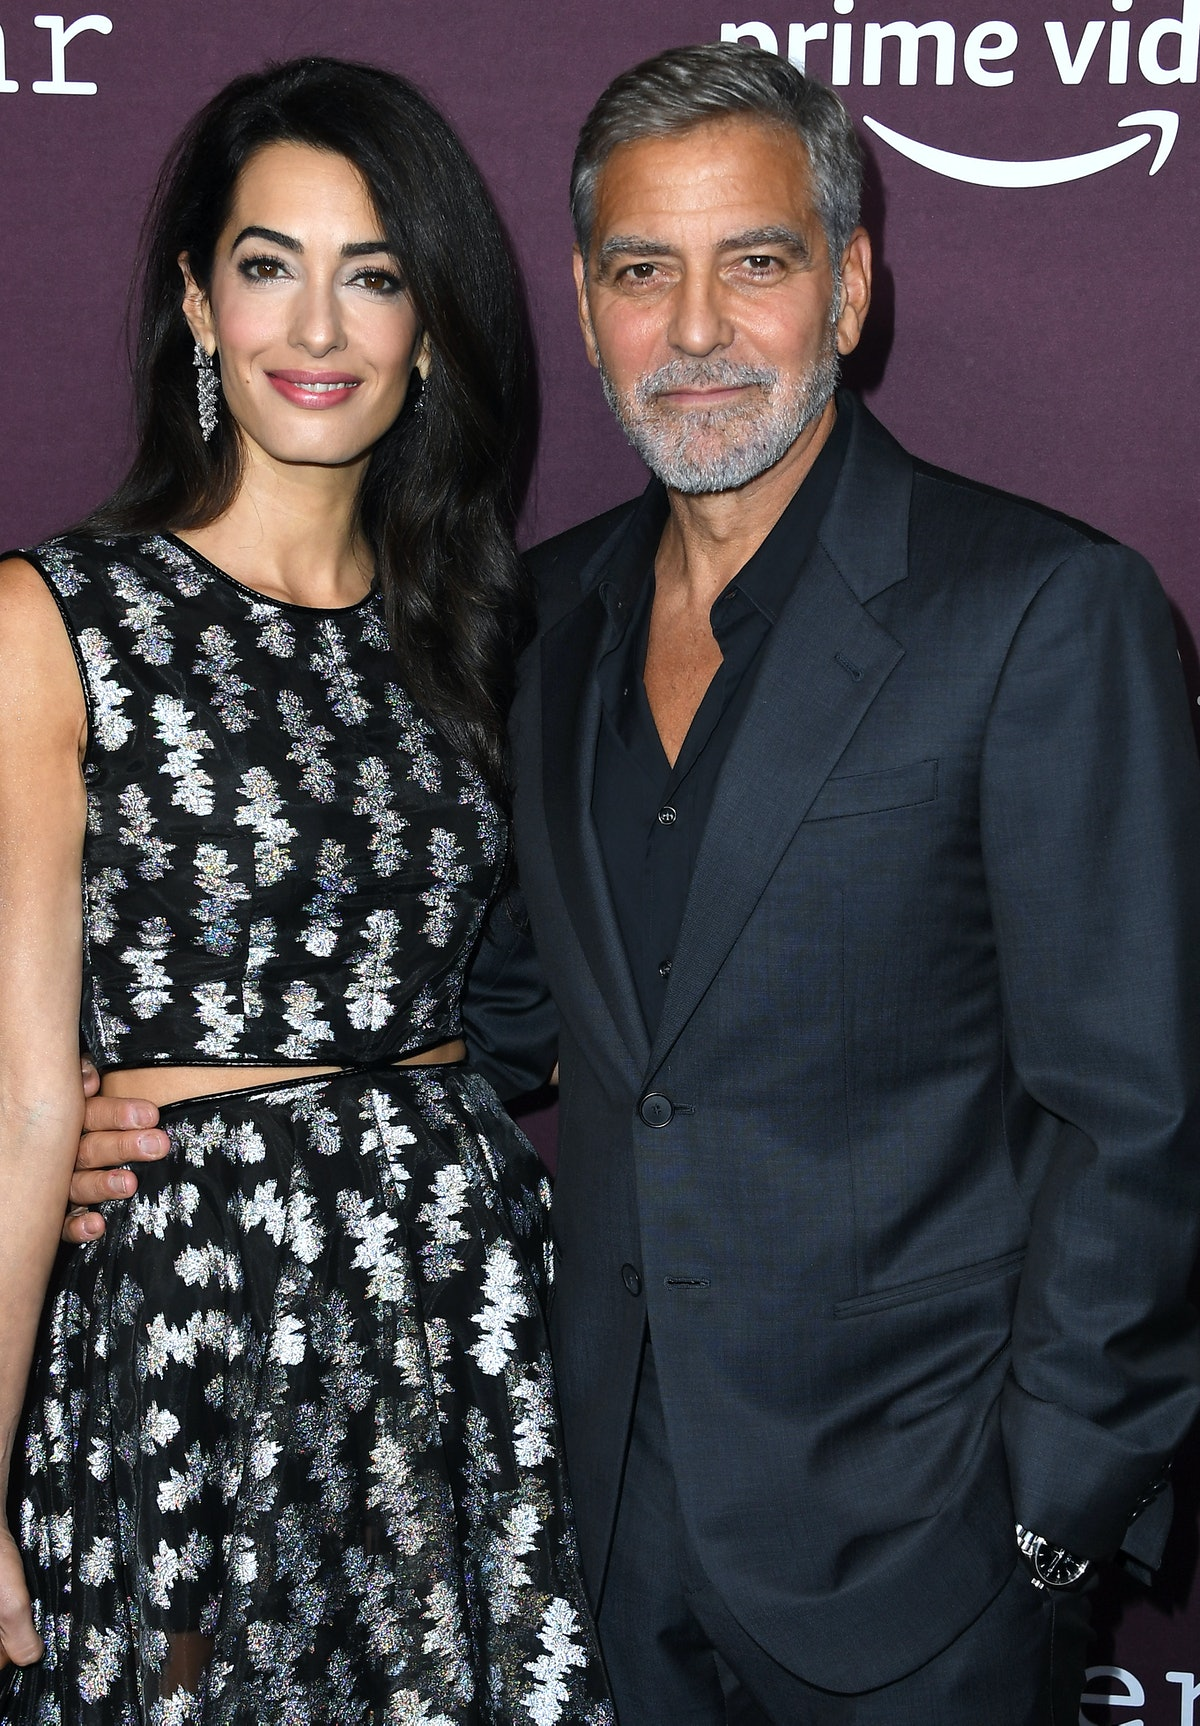 لوس آنجلس ، کالیفرنیا - 03 اکتبر: جورج کلونی ، آمال کلونی وارد مجموعه تئاتر DGA در ...